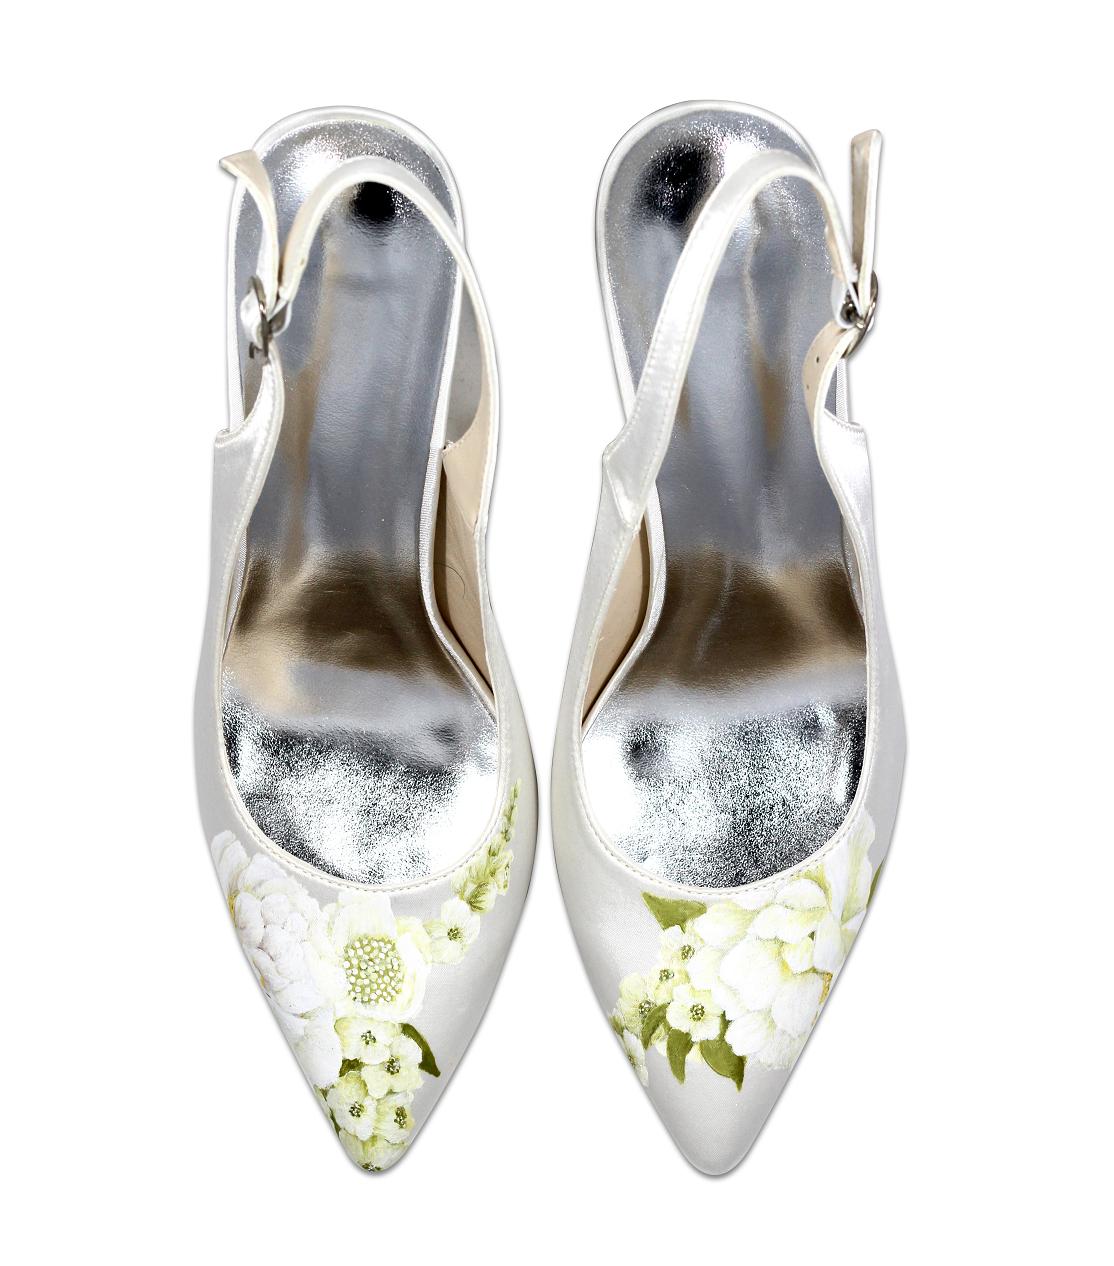 Whites rose slingback wedding shoe